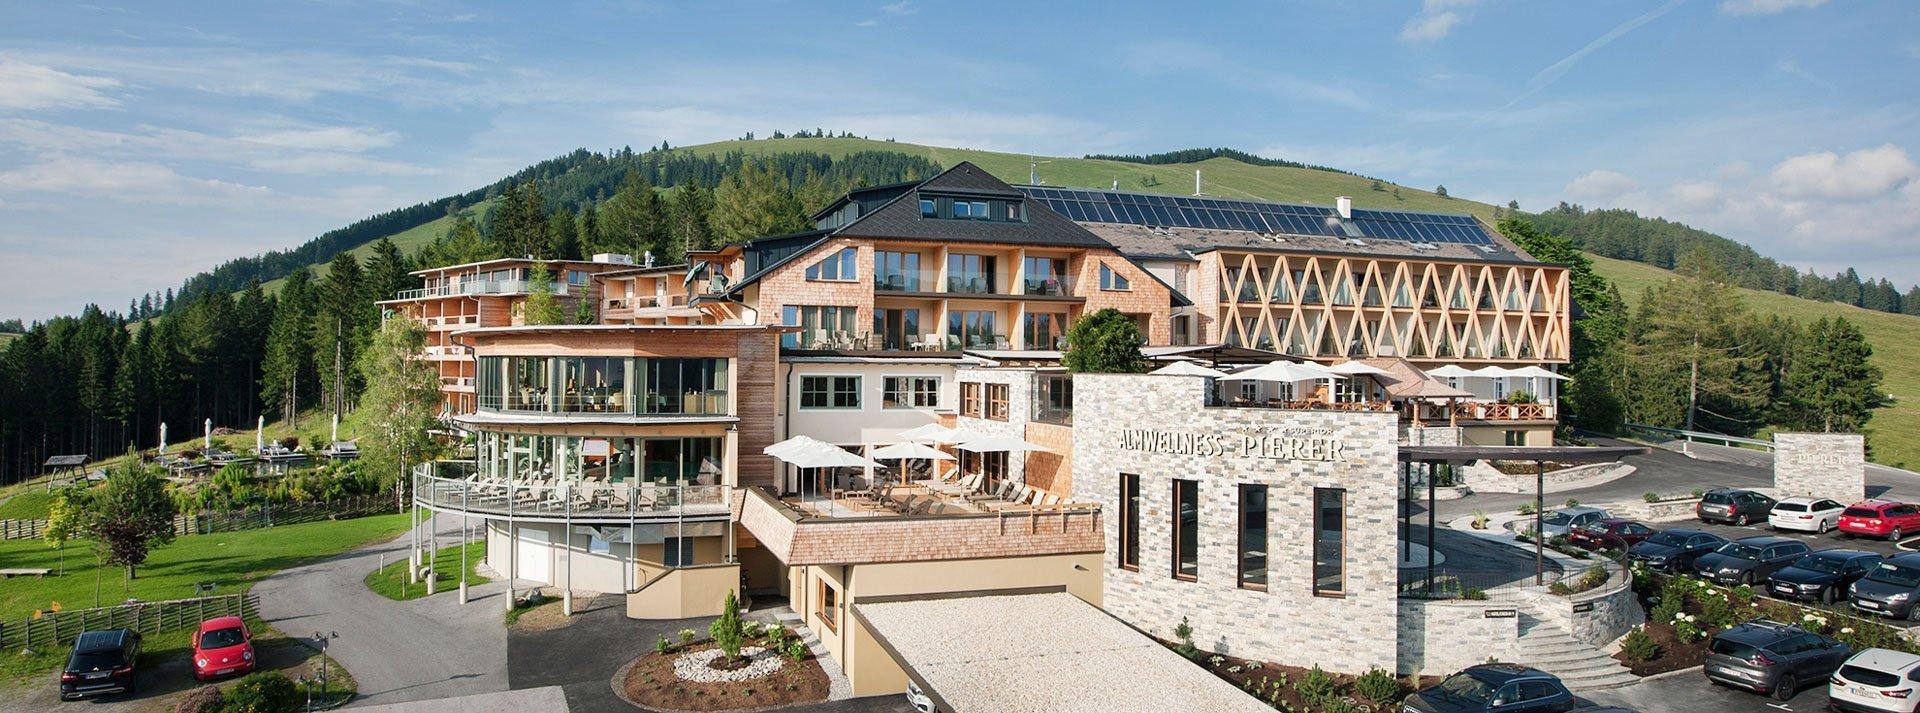 Almwellness Pierer Hausansicht Teichalm Steiermark